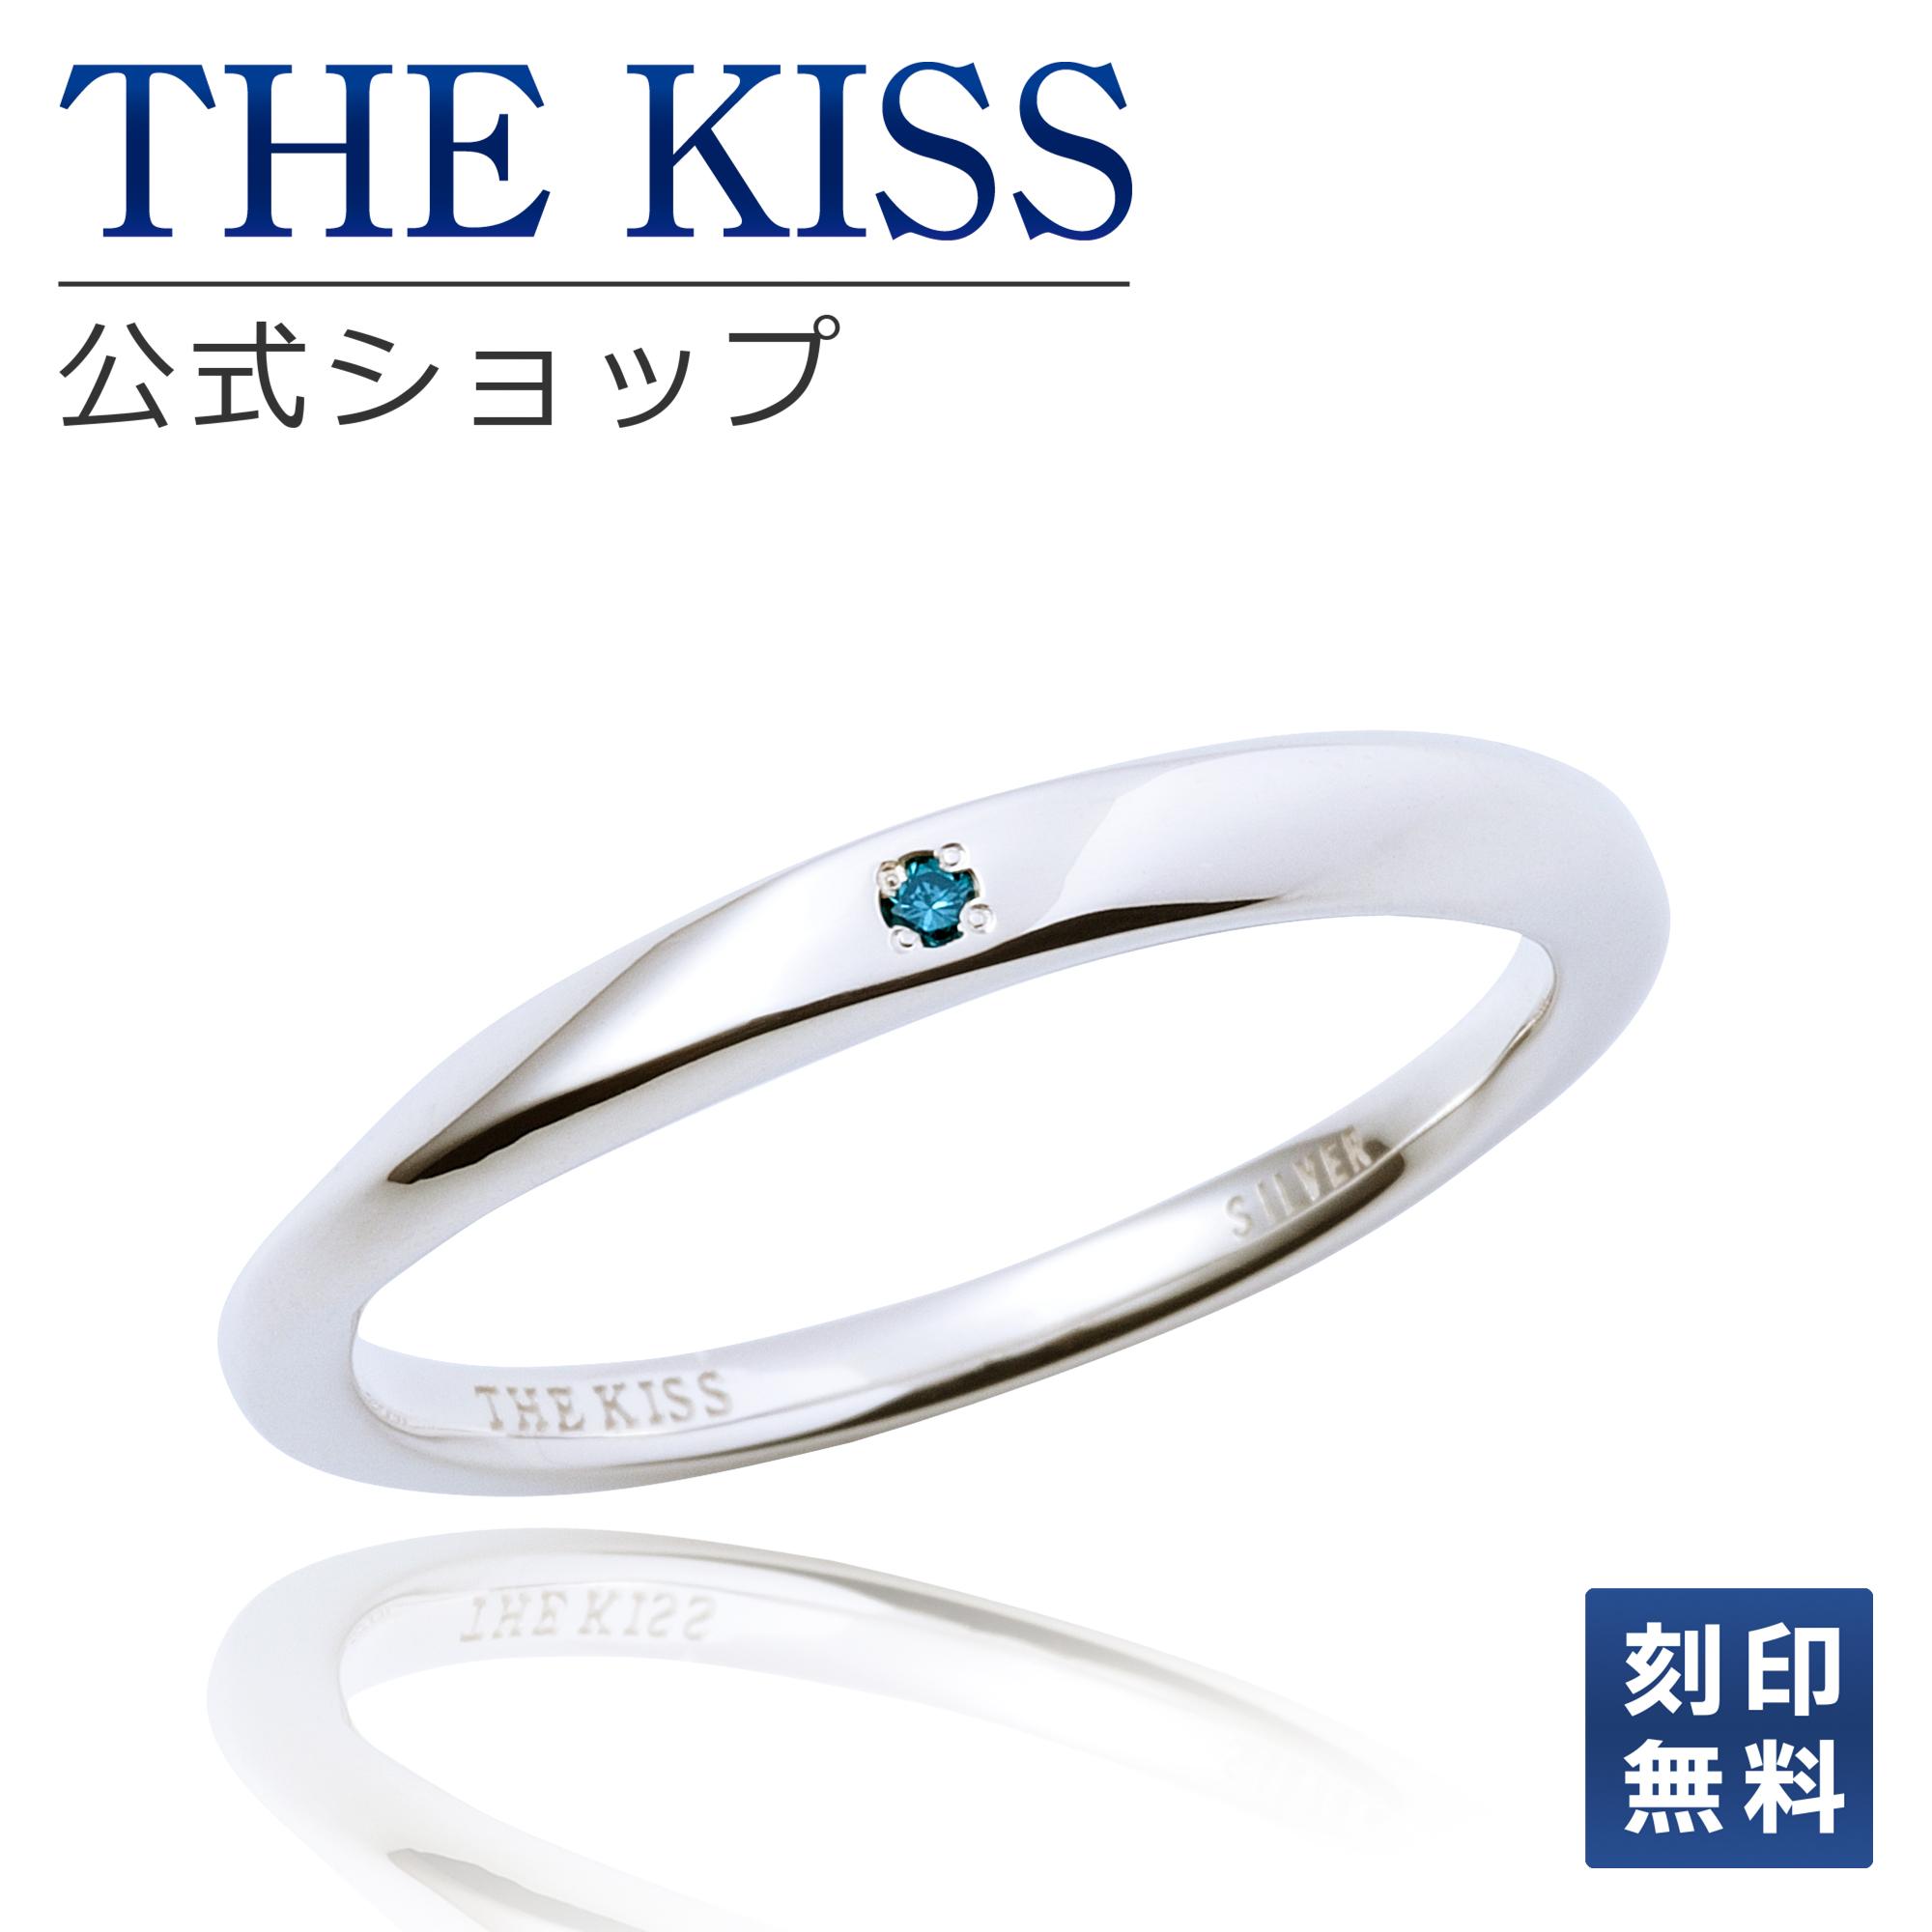 【あす楽対応】THE KISS 公式サイト シルバー ペアリング ( メンズ 単品 ) ペアアクセサリー カップル に 人気 の ジュエリーブランド THEKISS ペア リング・指輪 記念日 プレゼント SR1548BDM ザキス 【送料無料】